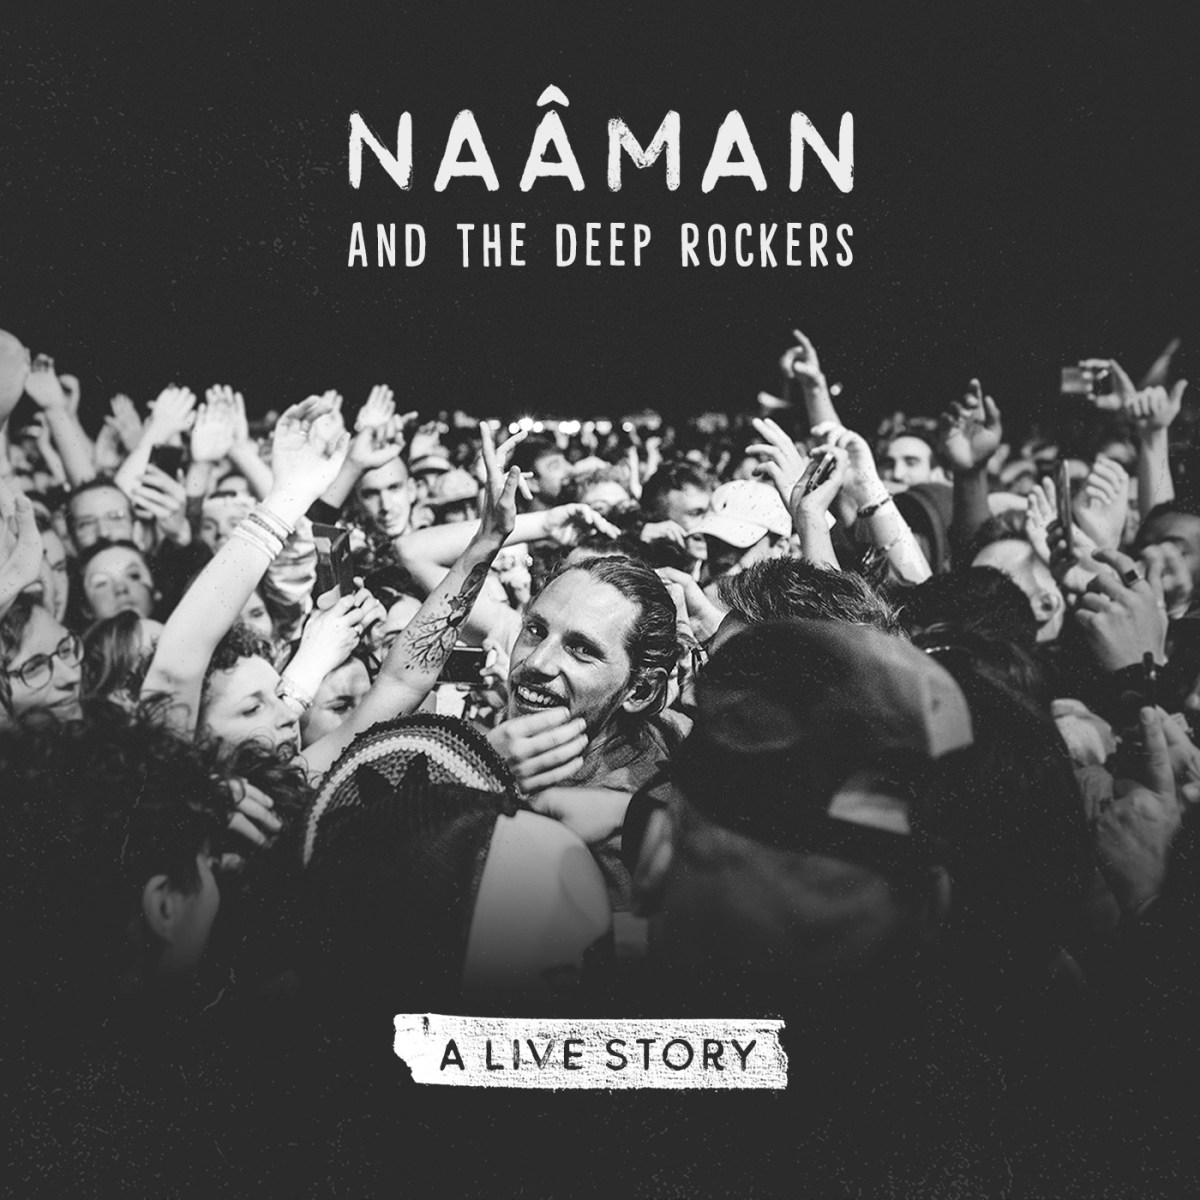 A Live Story (1er album Live) - Naâman - Partager la magie de la musique live